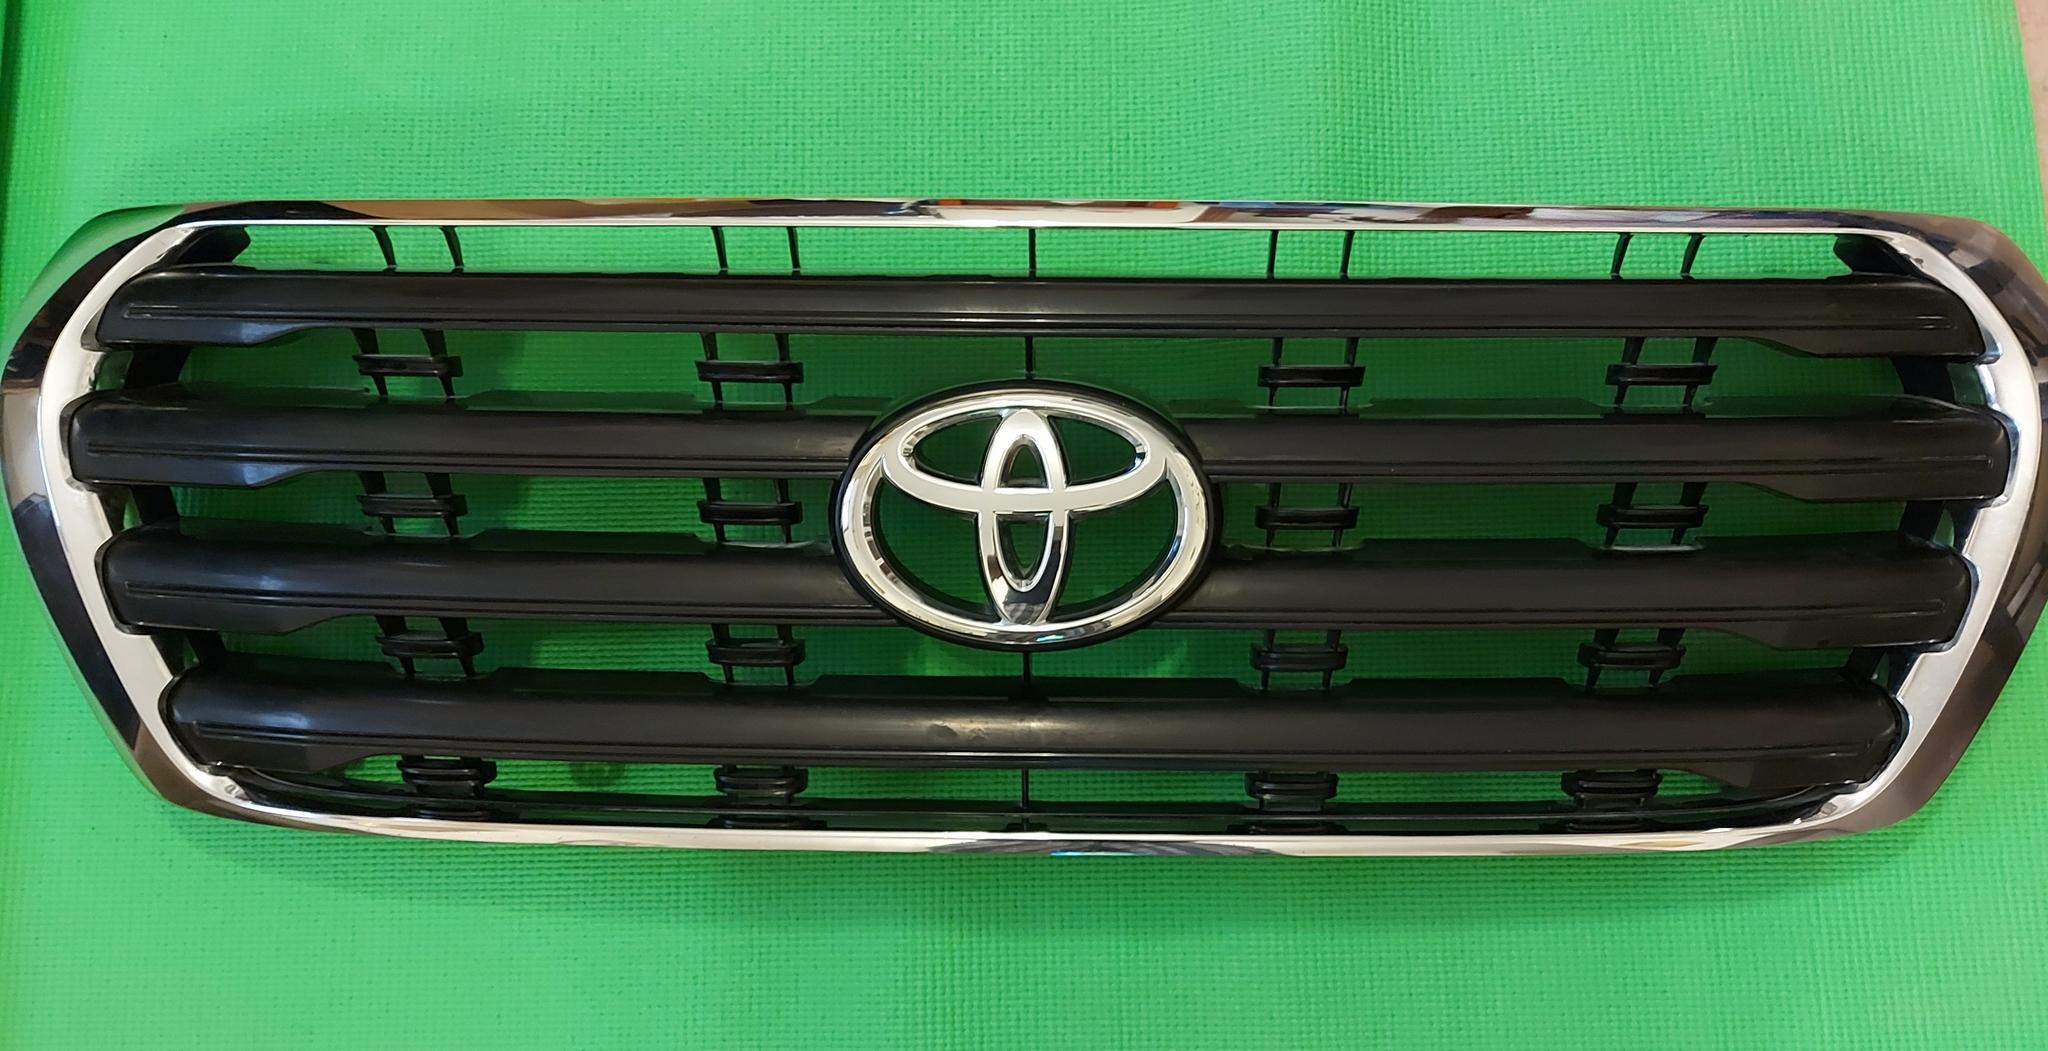 Land Cruiser original Front Grill, Door Handle, Mi